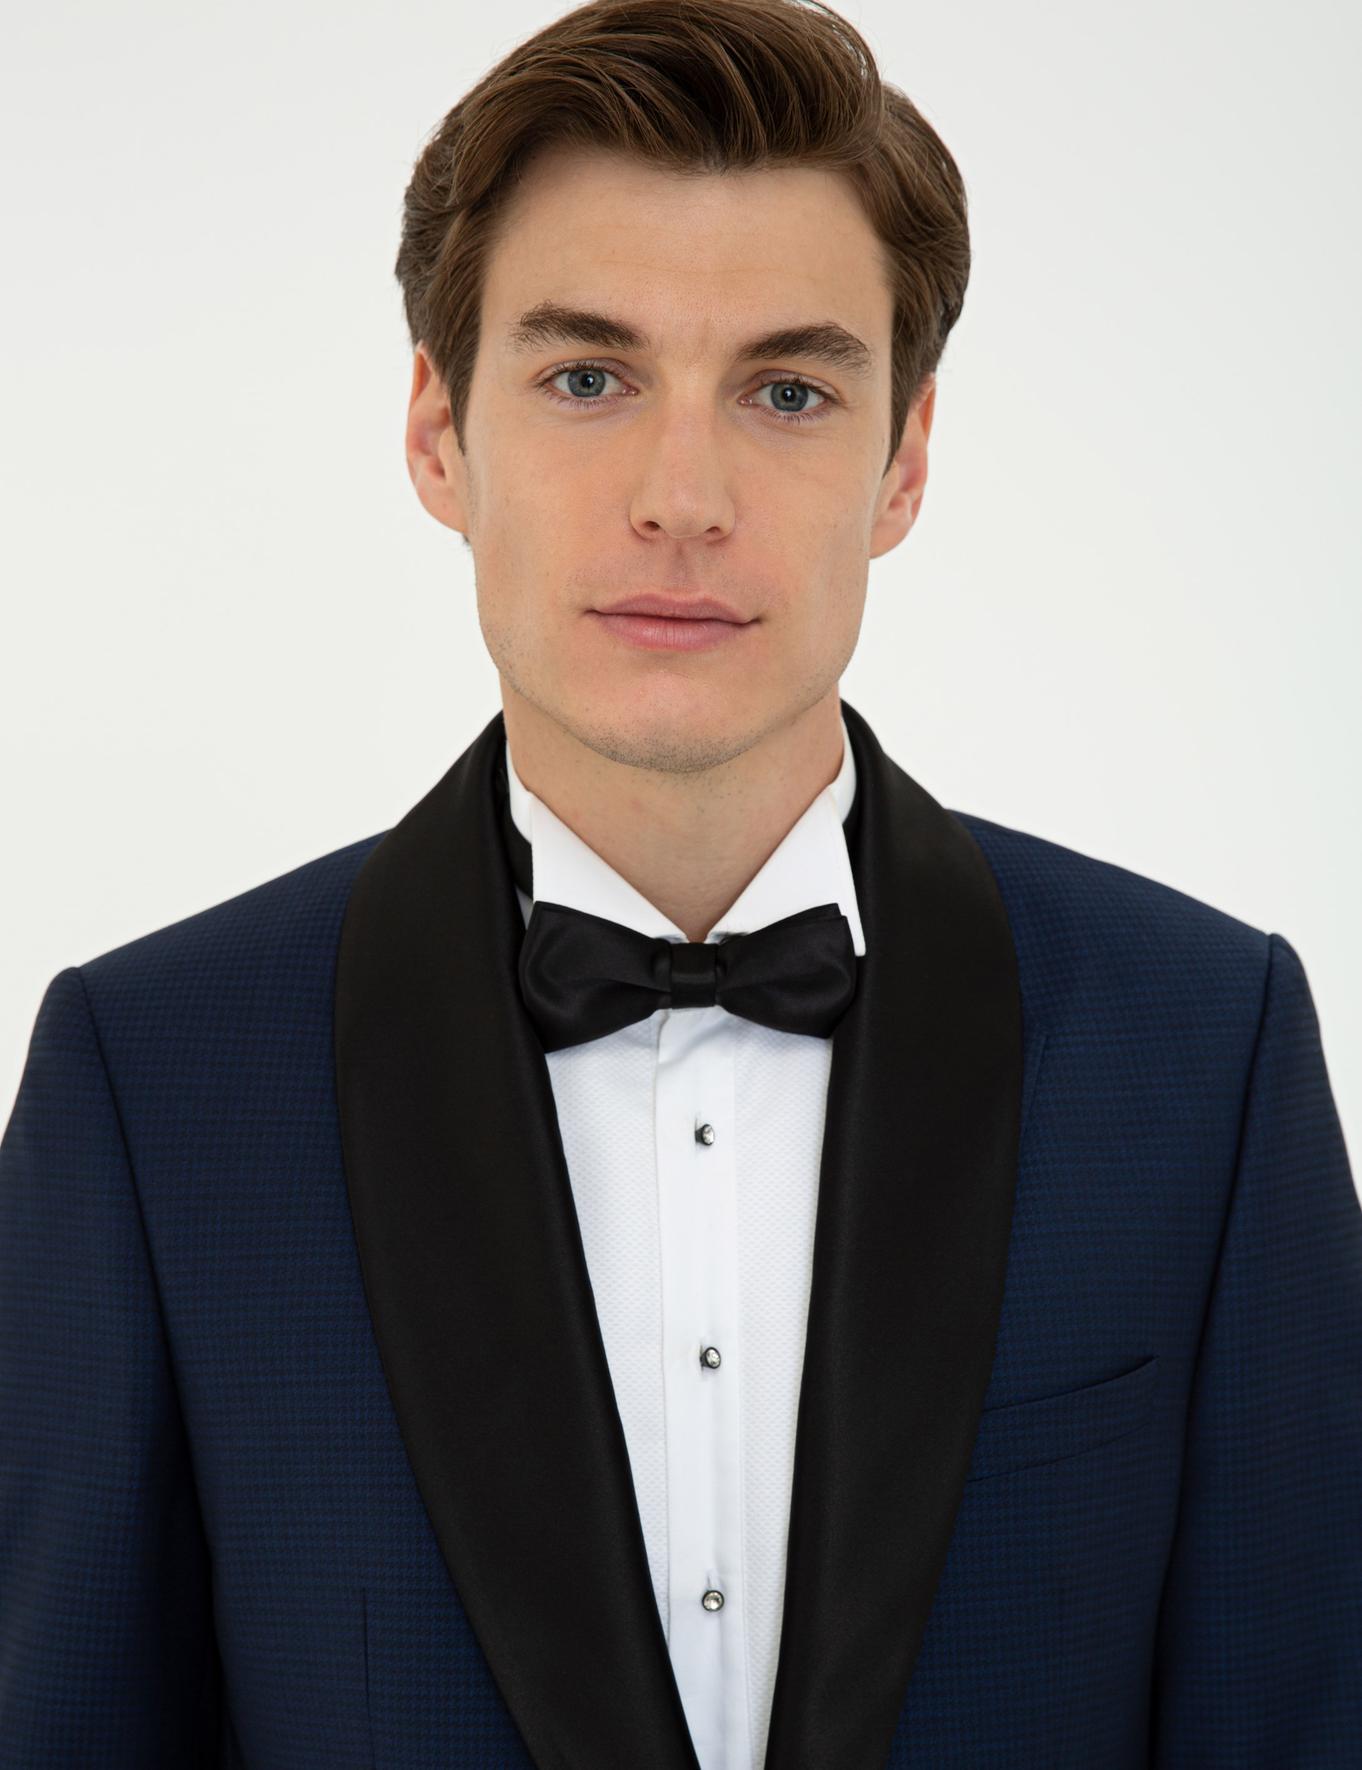 Lacivert Slim Fit Takım Elbise - 50232899017